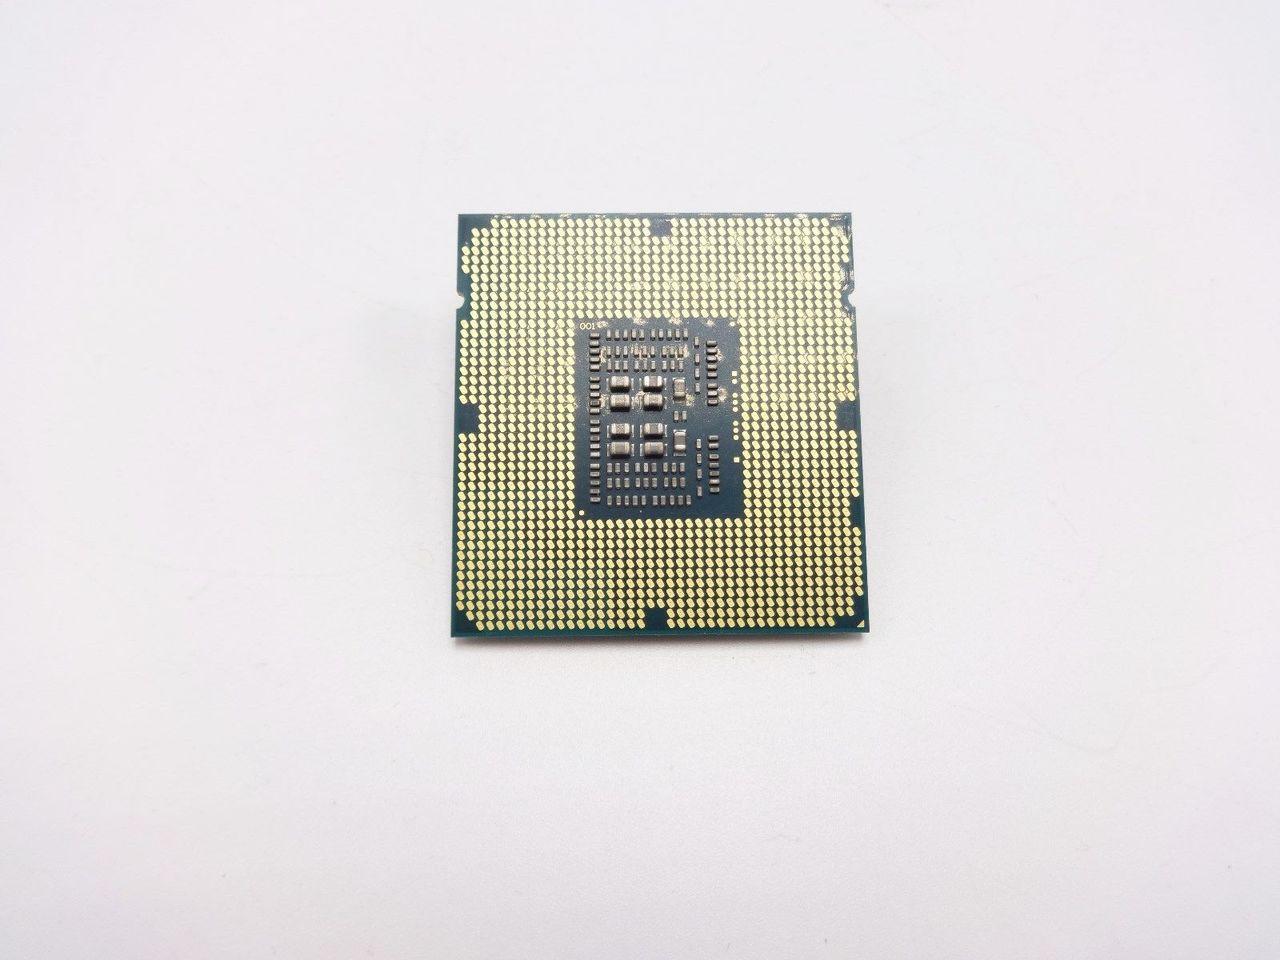 Intel Xeon SR1AL E5-2403 V2 QC 1.8GHZ processor